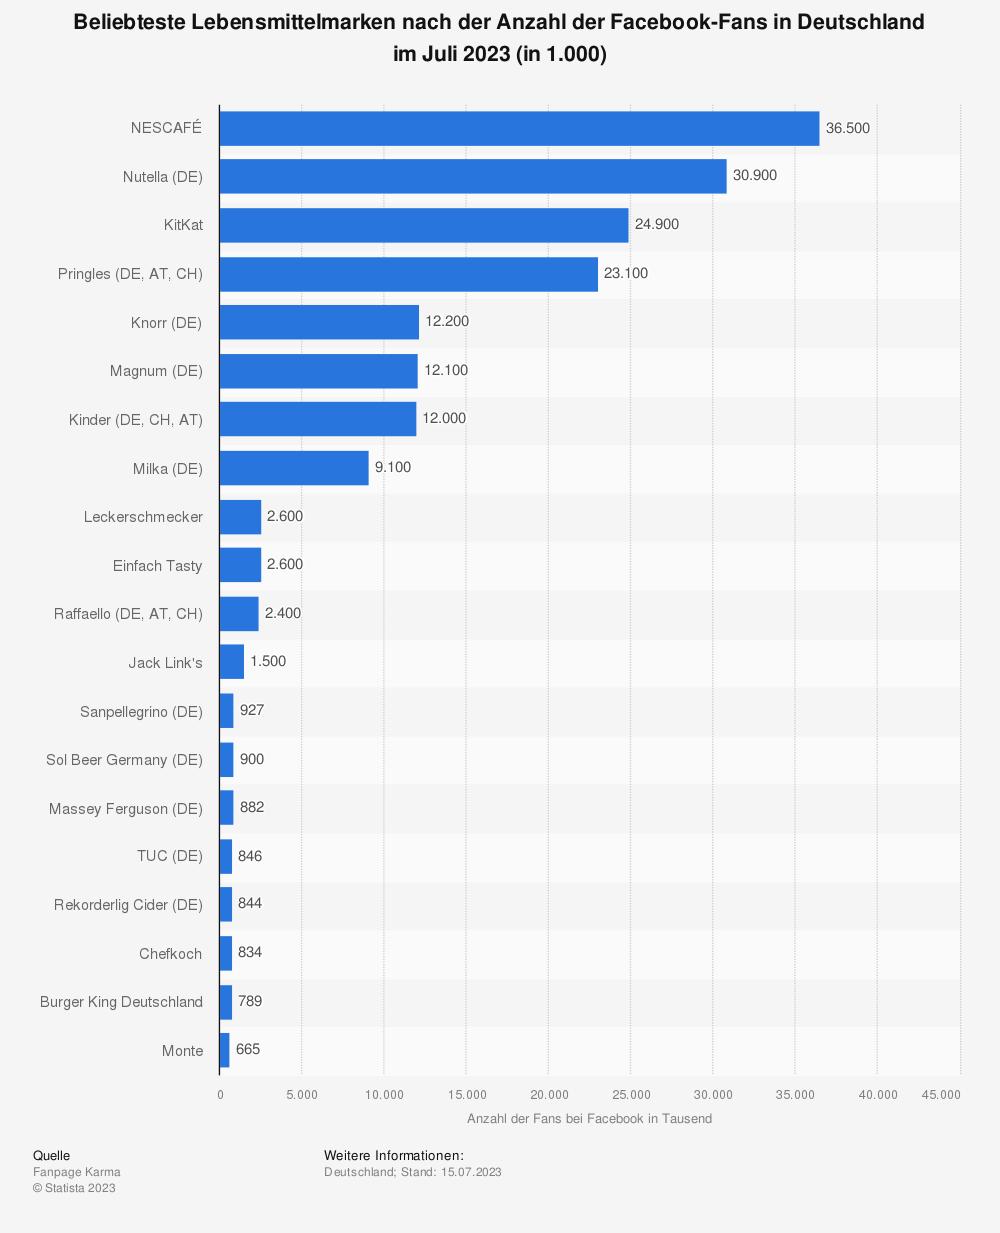 Statistik: Top 20 Lebensmittelmarken nach Anzahl der Facebook-Fans im Mai 2016 (in 1.000) | Statista